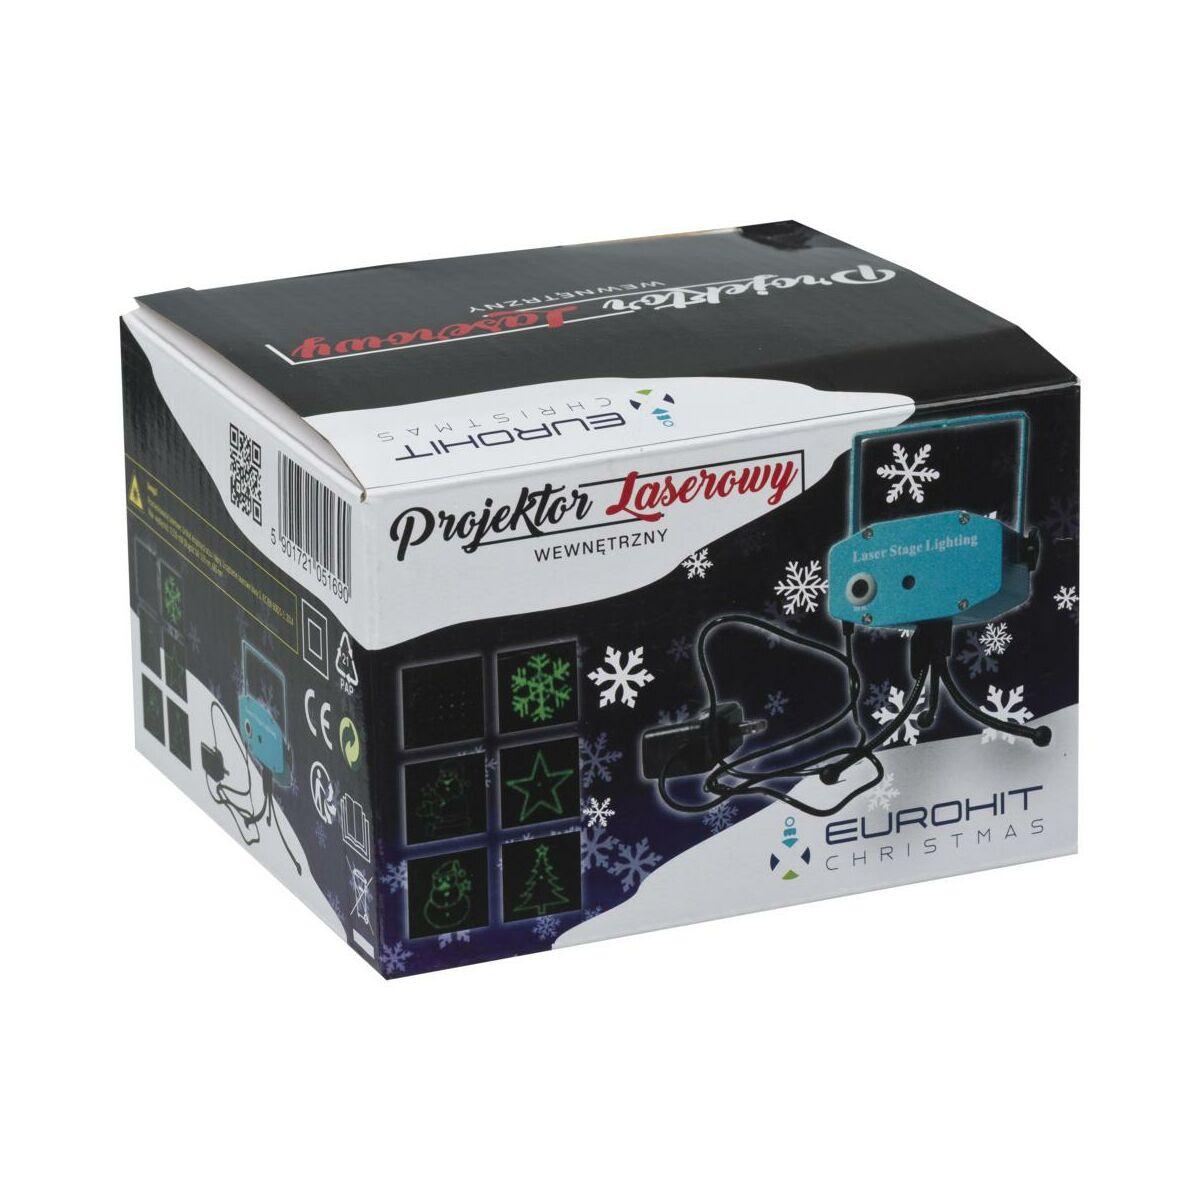 Projektor Wewnetrzny Laserowy 6 Obrazow Muzyczny Swieczniki I Dekoracje Swiateczne W Atrakcyjnej Cenie W Sklepach Leroy Merlin